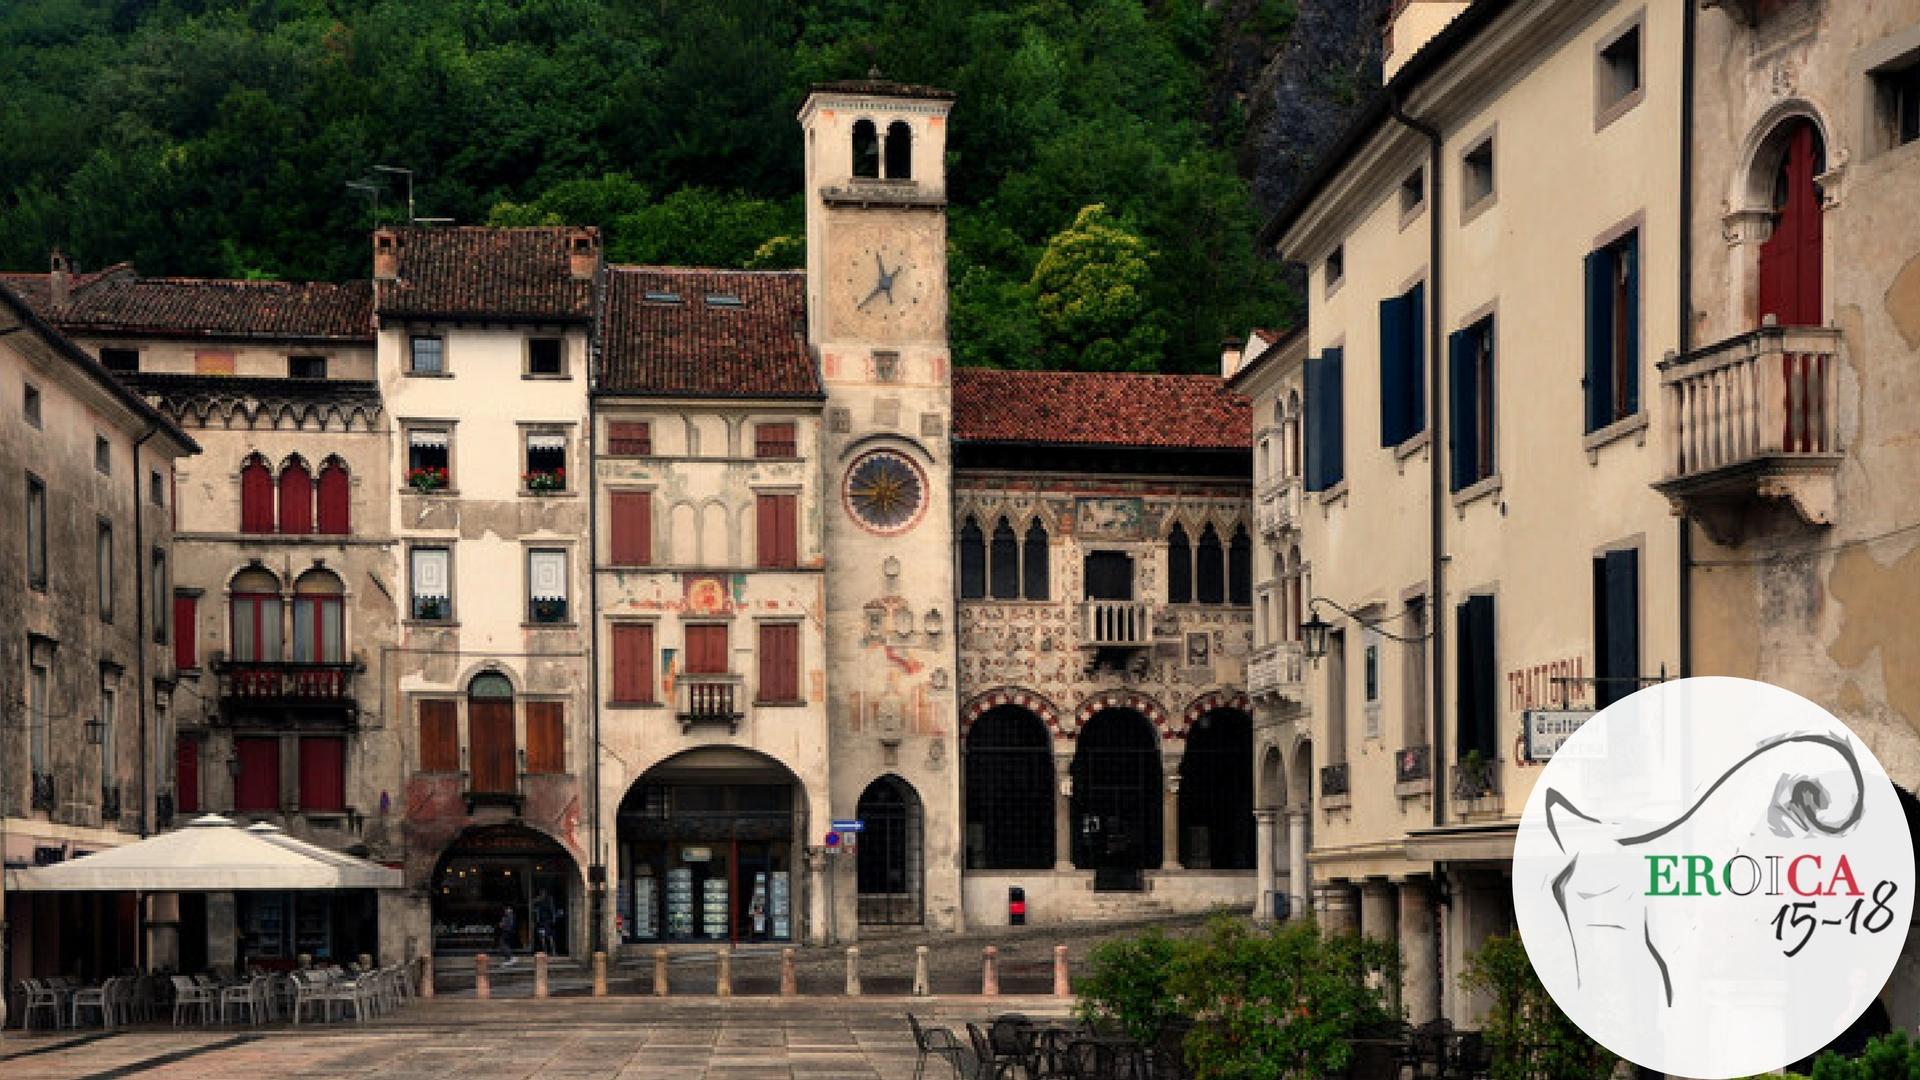 Piazza_Flaminio_Vittorio_Veneto_Eroica15-18_Viaggio